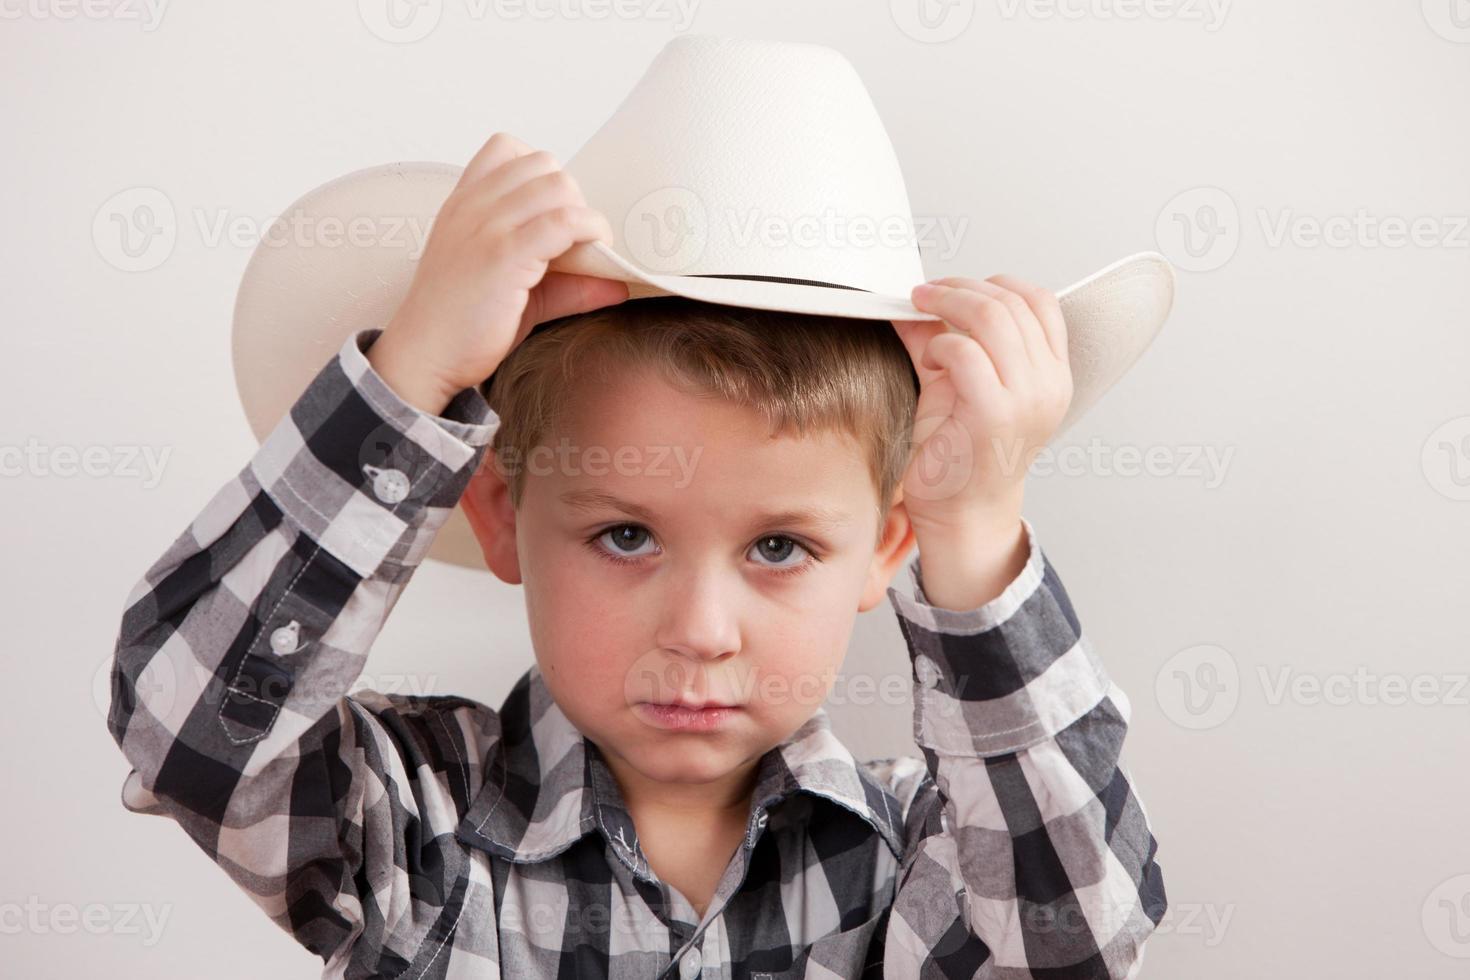 personas reales: vaquero serio niño pequeño caucásico cabeza hombros foto